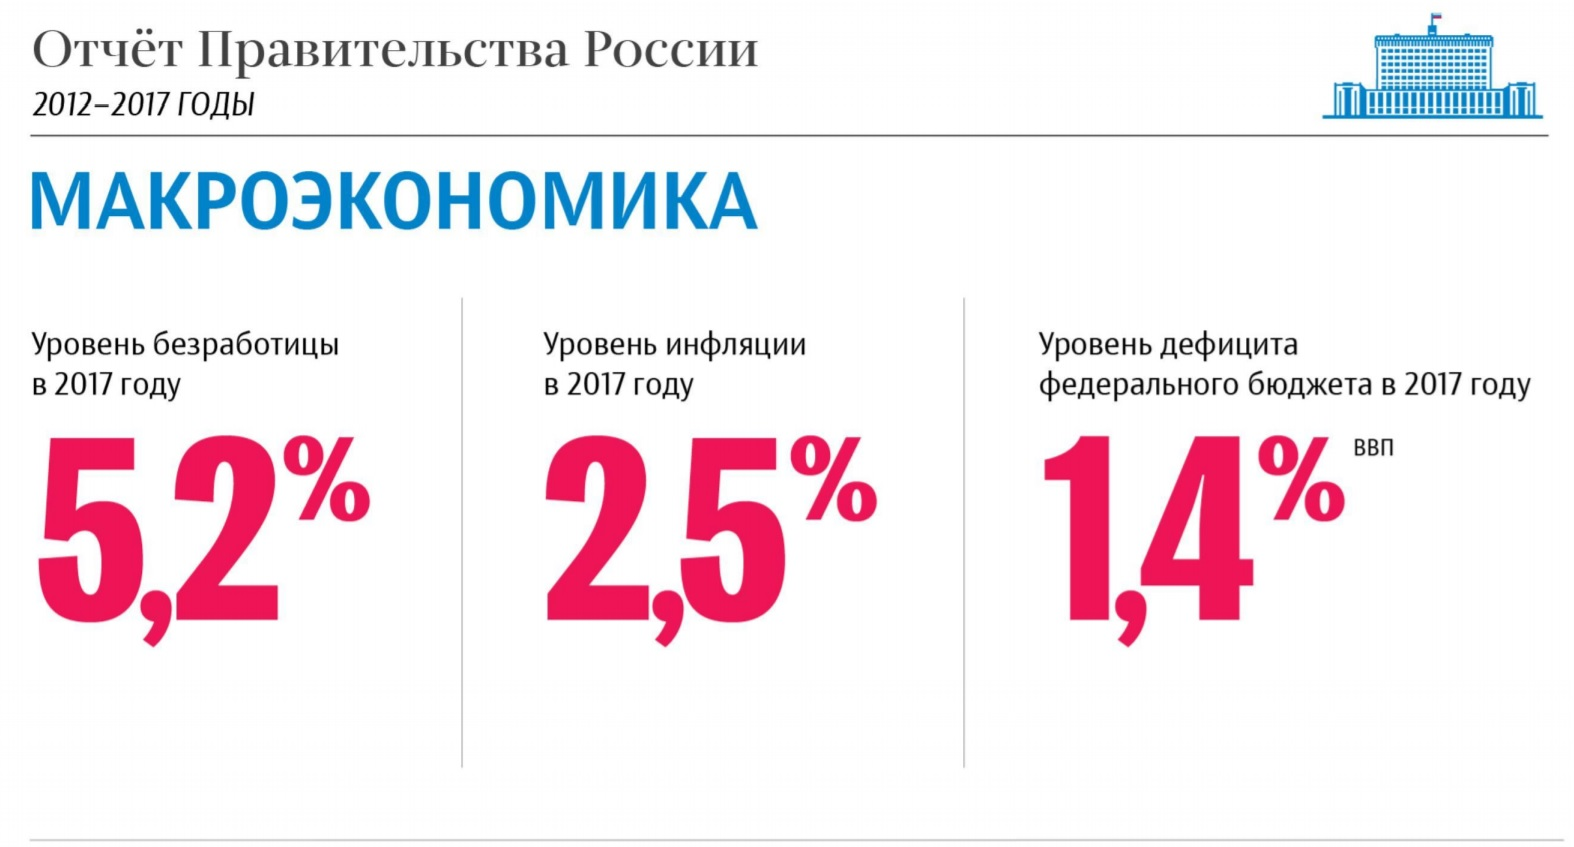 Отчет правительства о работе в 2012-2017 годах